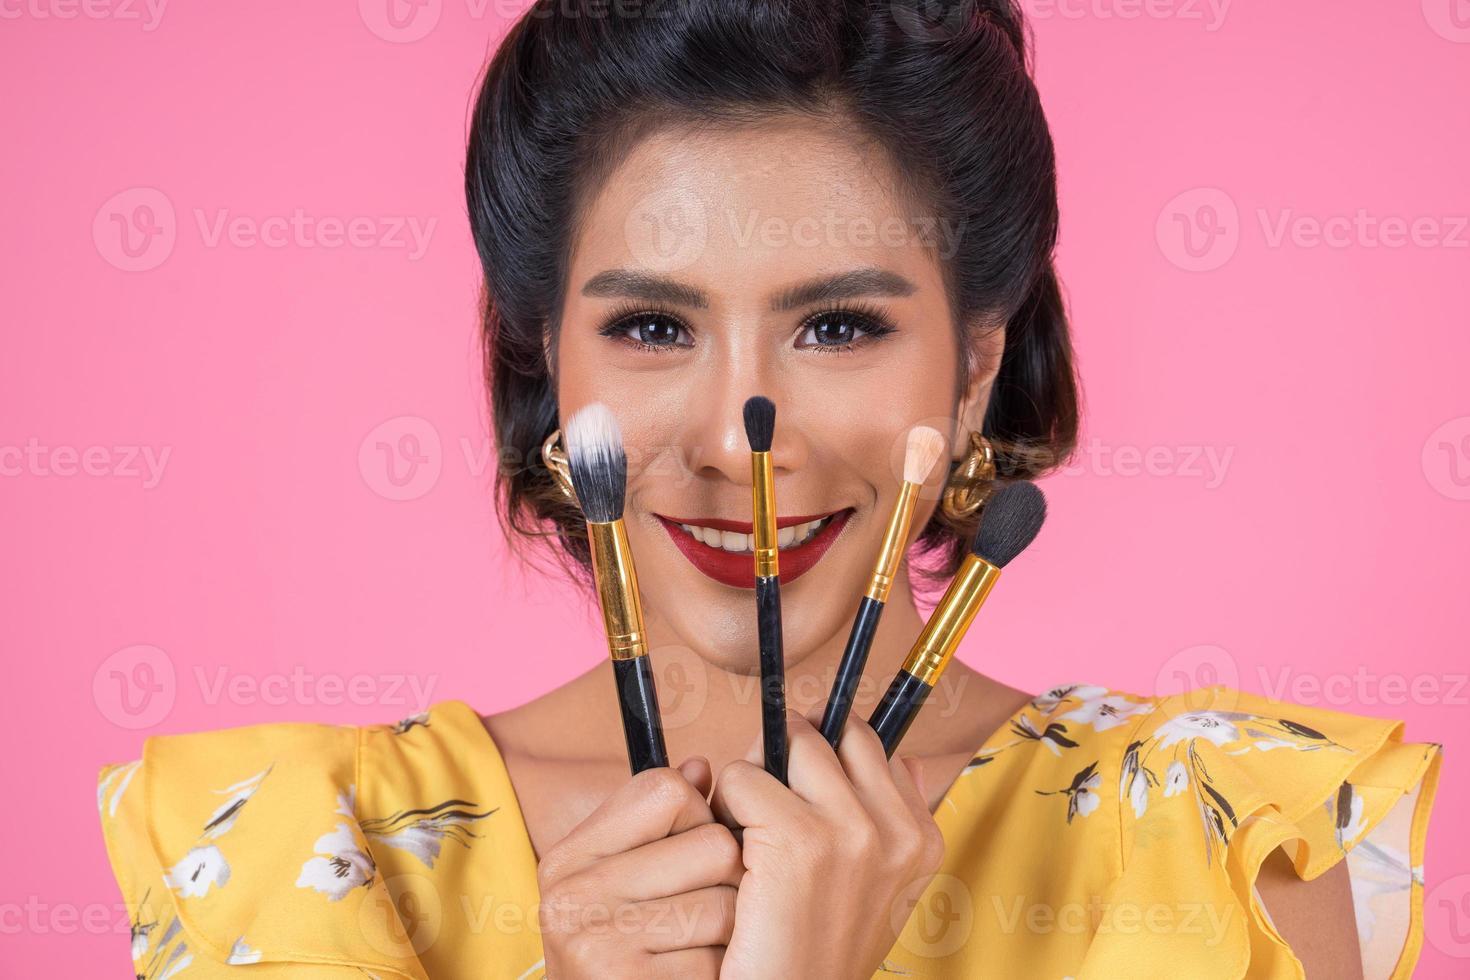 portret van een vrouw met make-upborstels foto